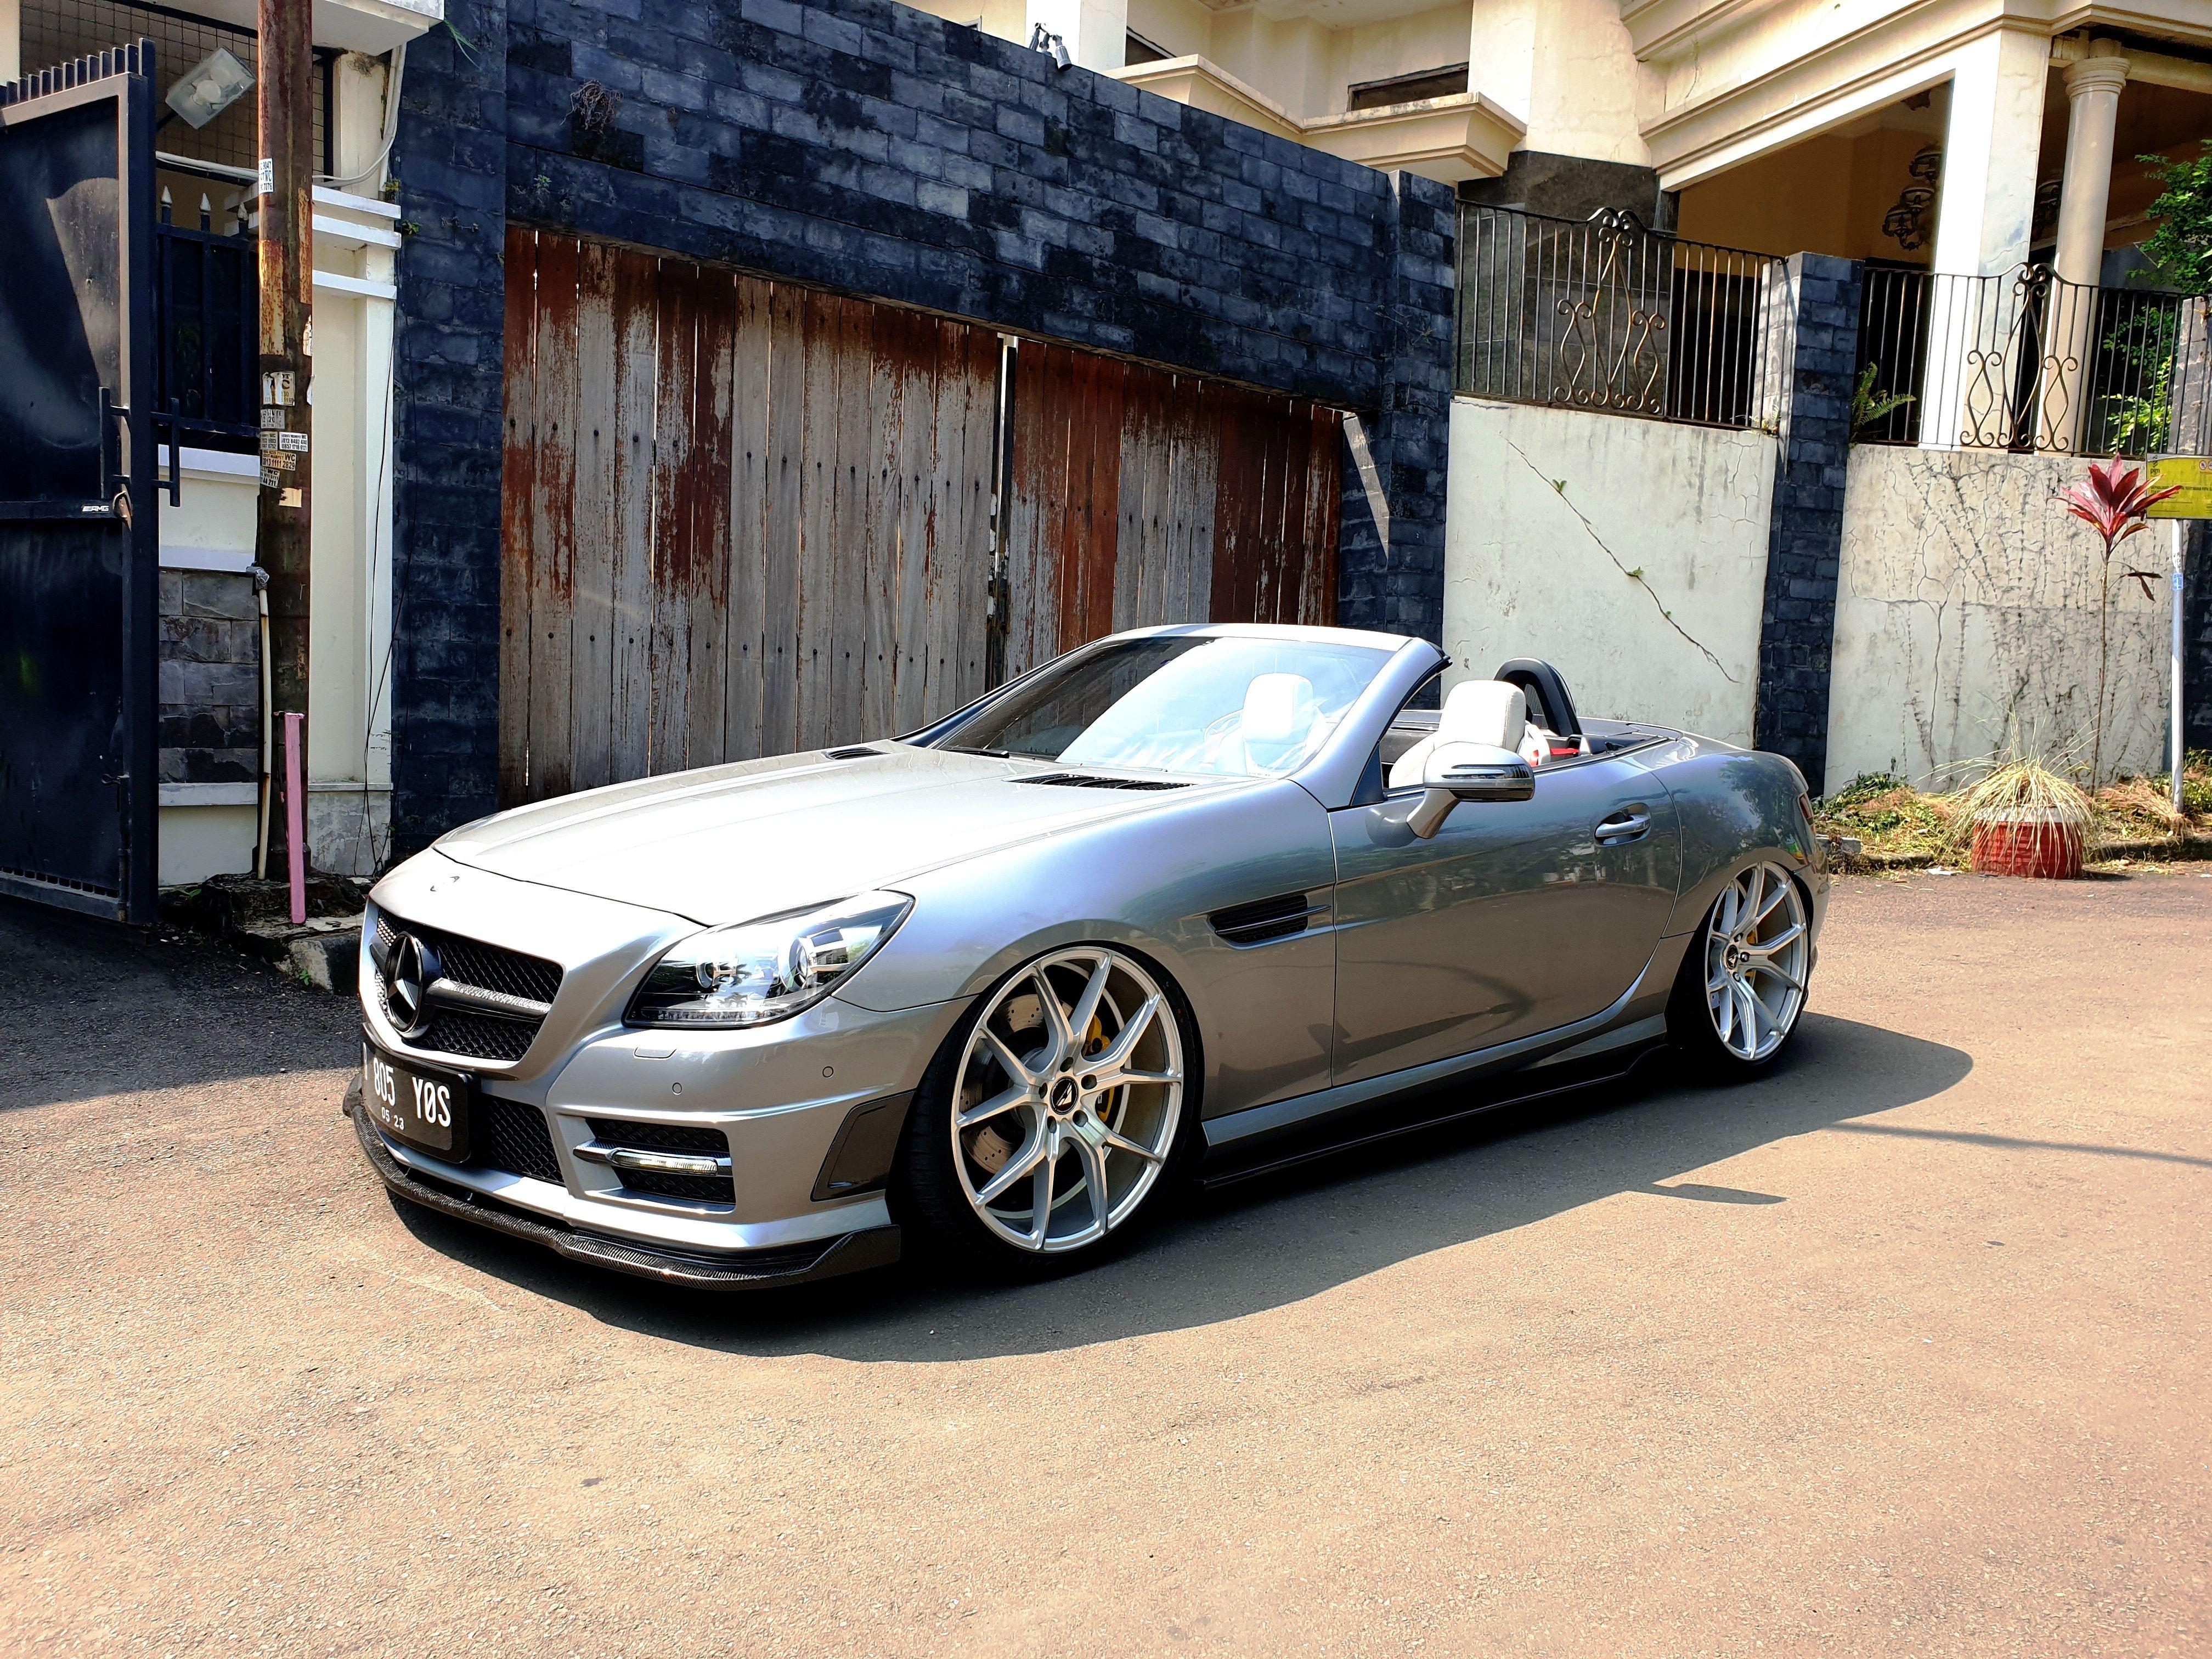 Bagged Slk R172 Indonesia Mercedes Benz Stance